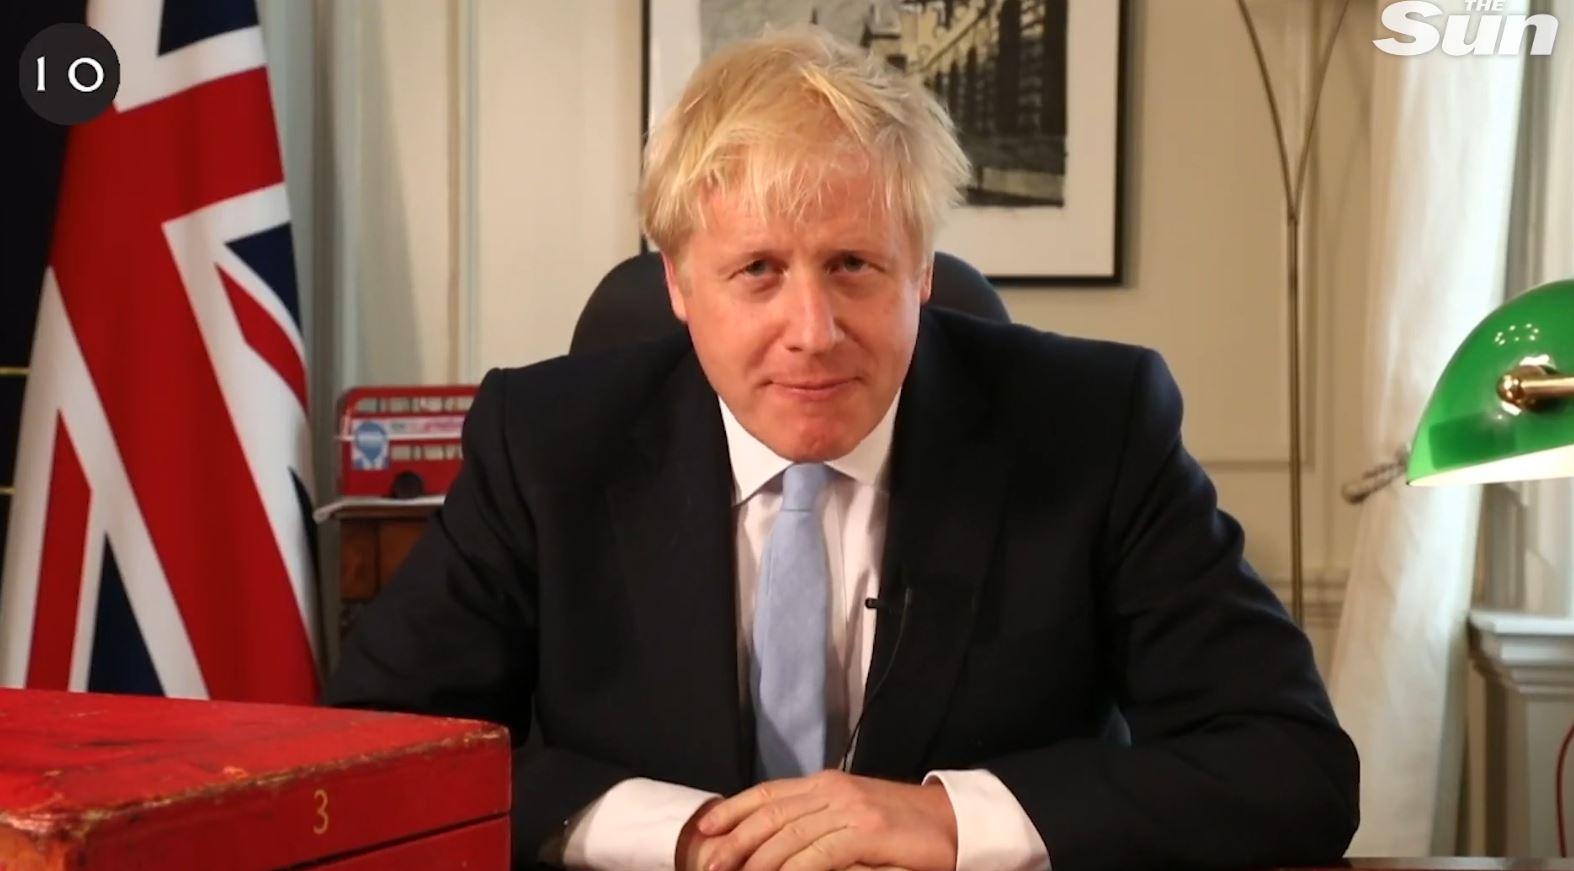 Dorë të hekurt ndaj krimit, Kryeministri britanik publikon planin e sigurisë